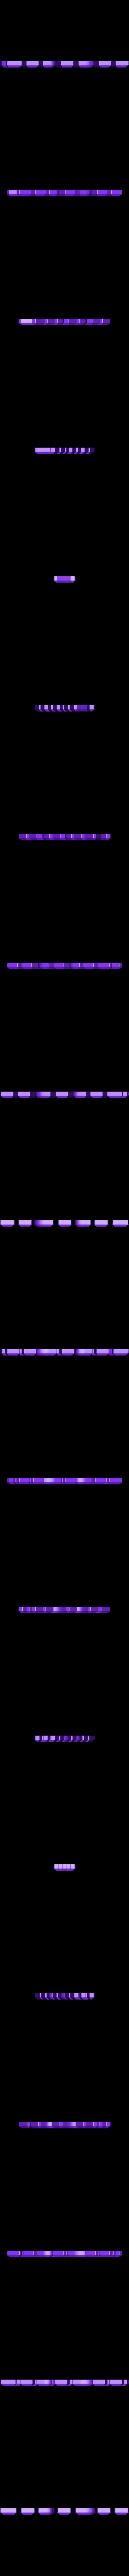 Bridle_Rack_-_Enhanced_9_merged_text.stl Télécharger fichier STL gratuit Support à bride amélioré • Modèle imprimable en 3D, 3D-Designs